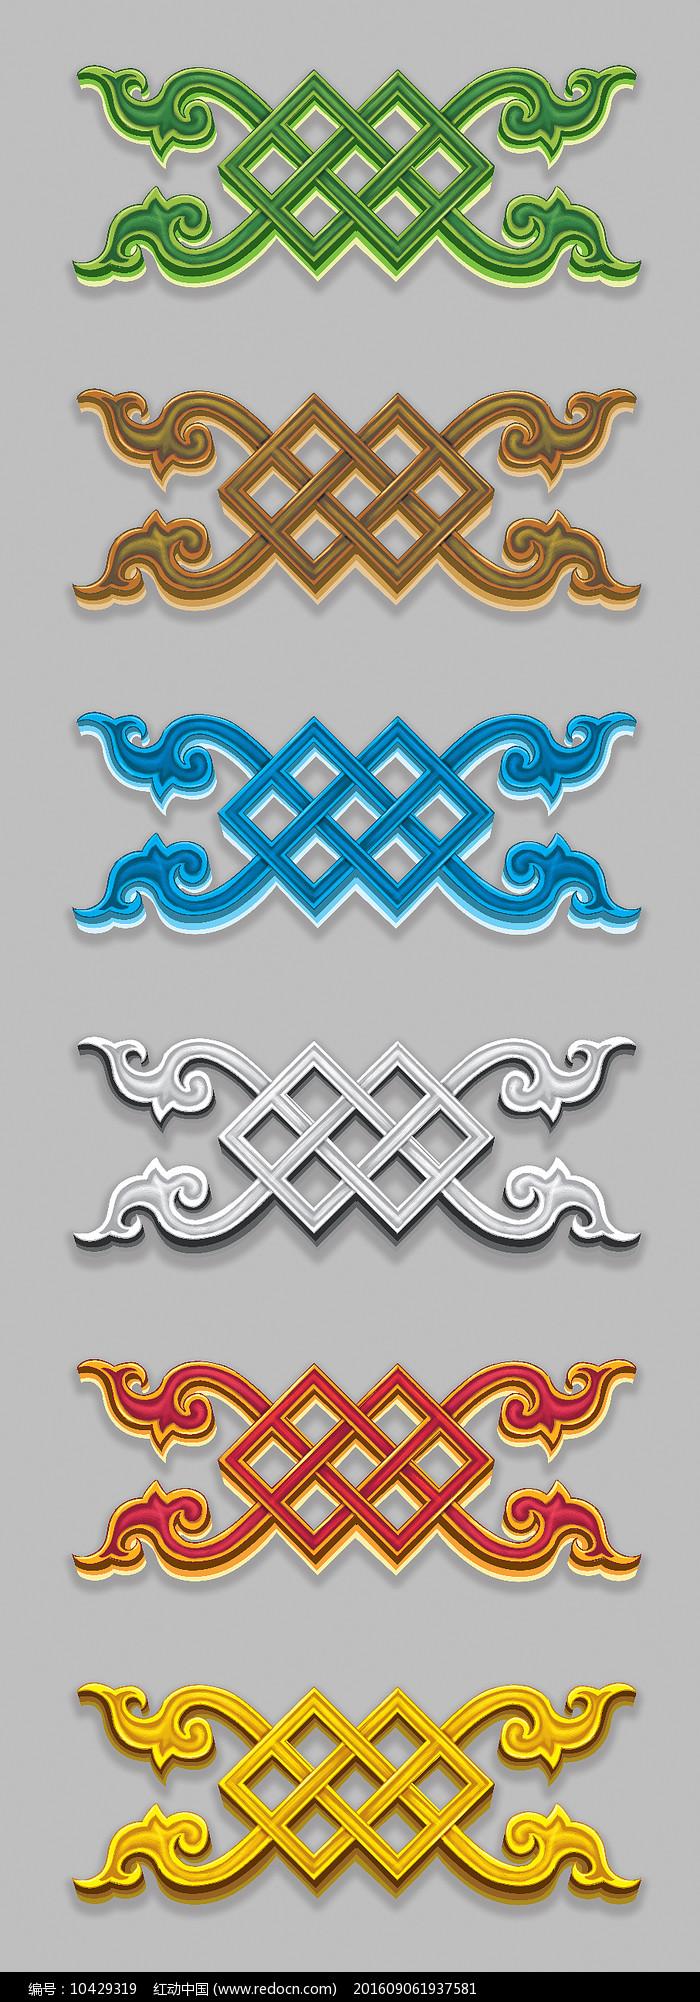 蒙古图案设计图片